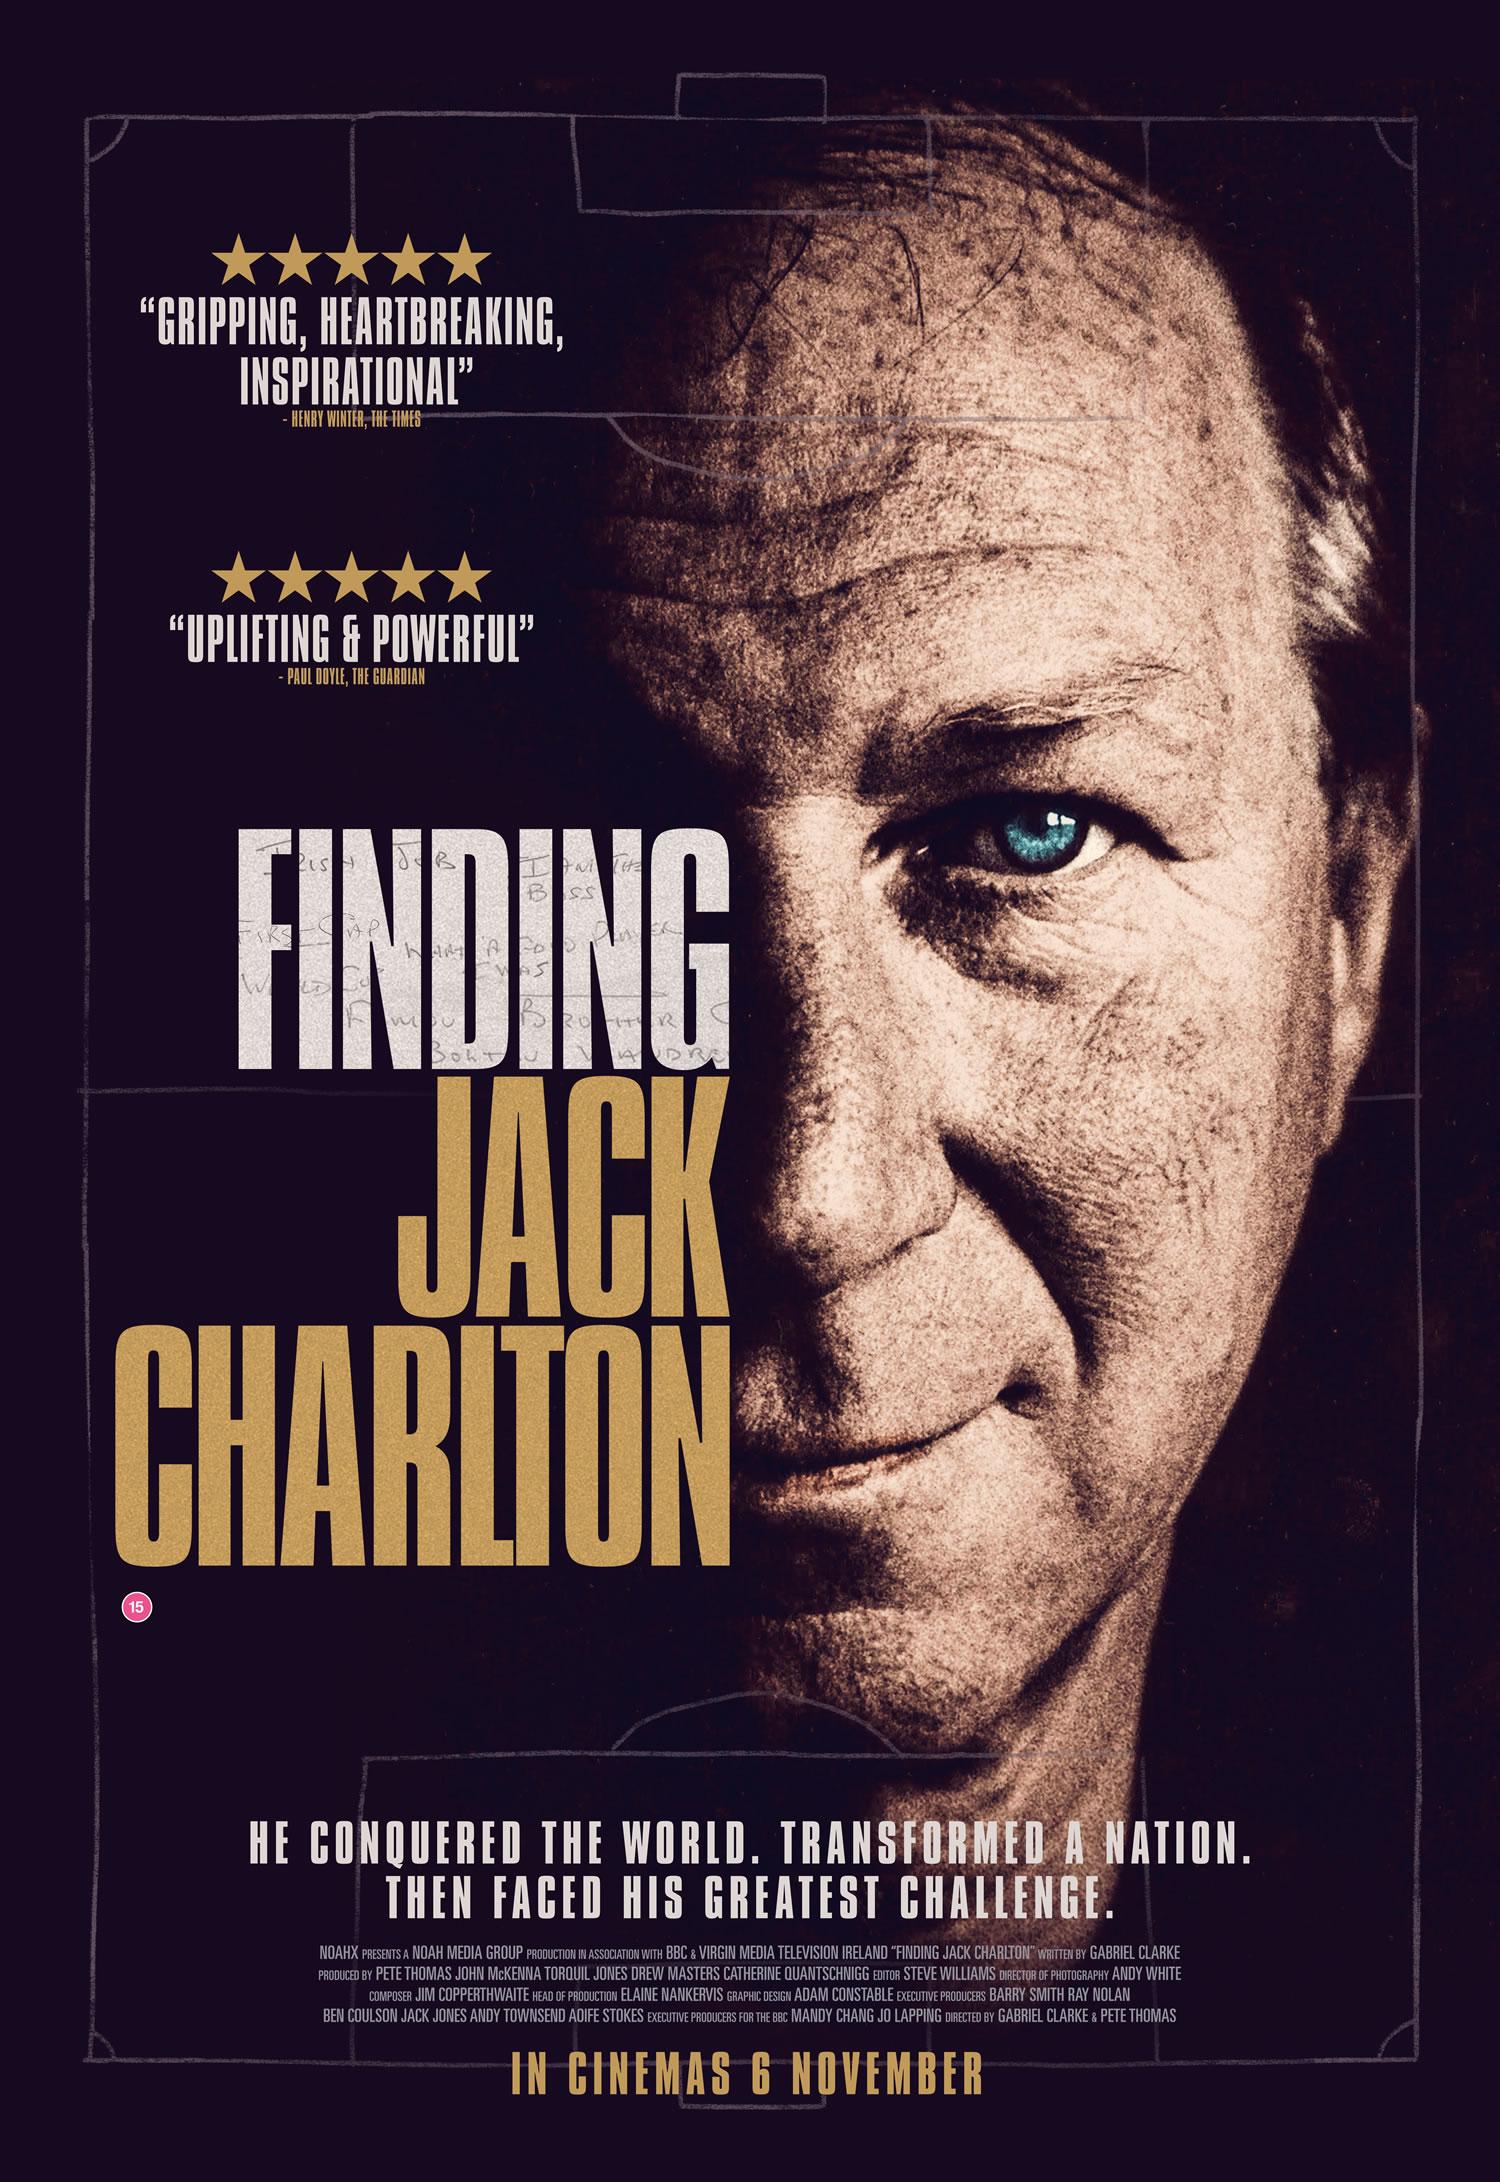 46281_1_FINDING_JACK_CHARLTON_1_SHEET_V2